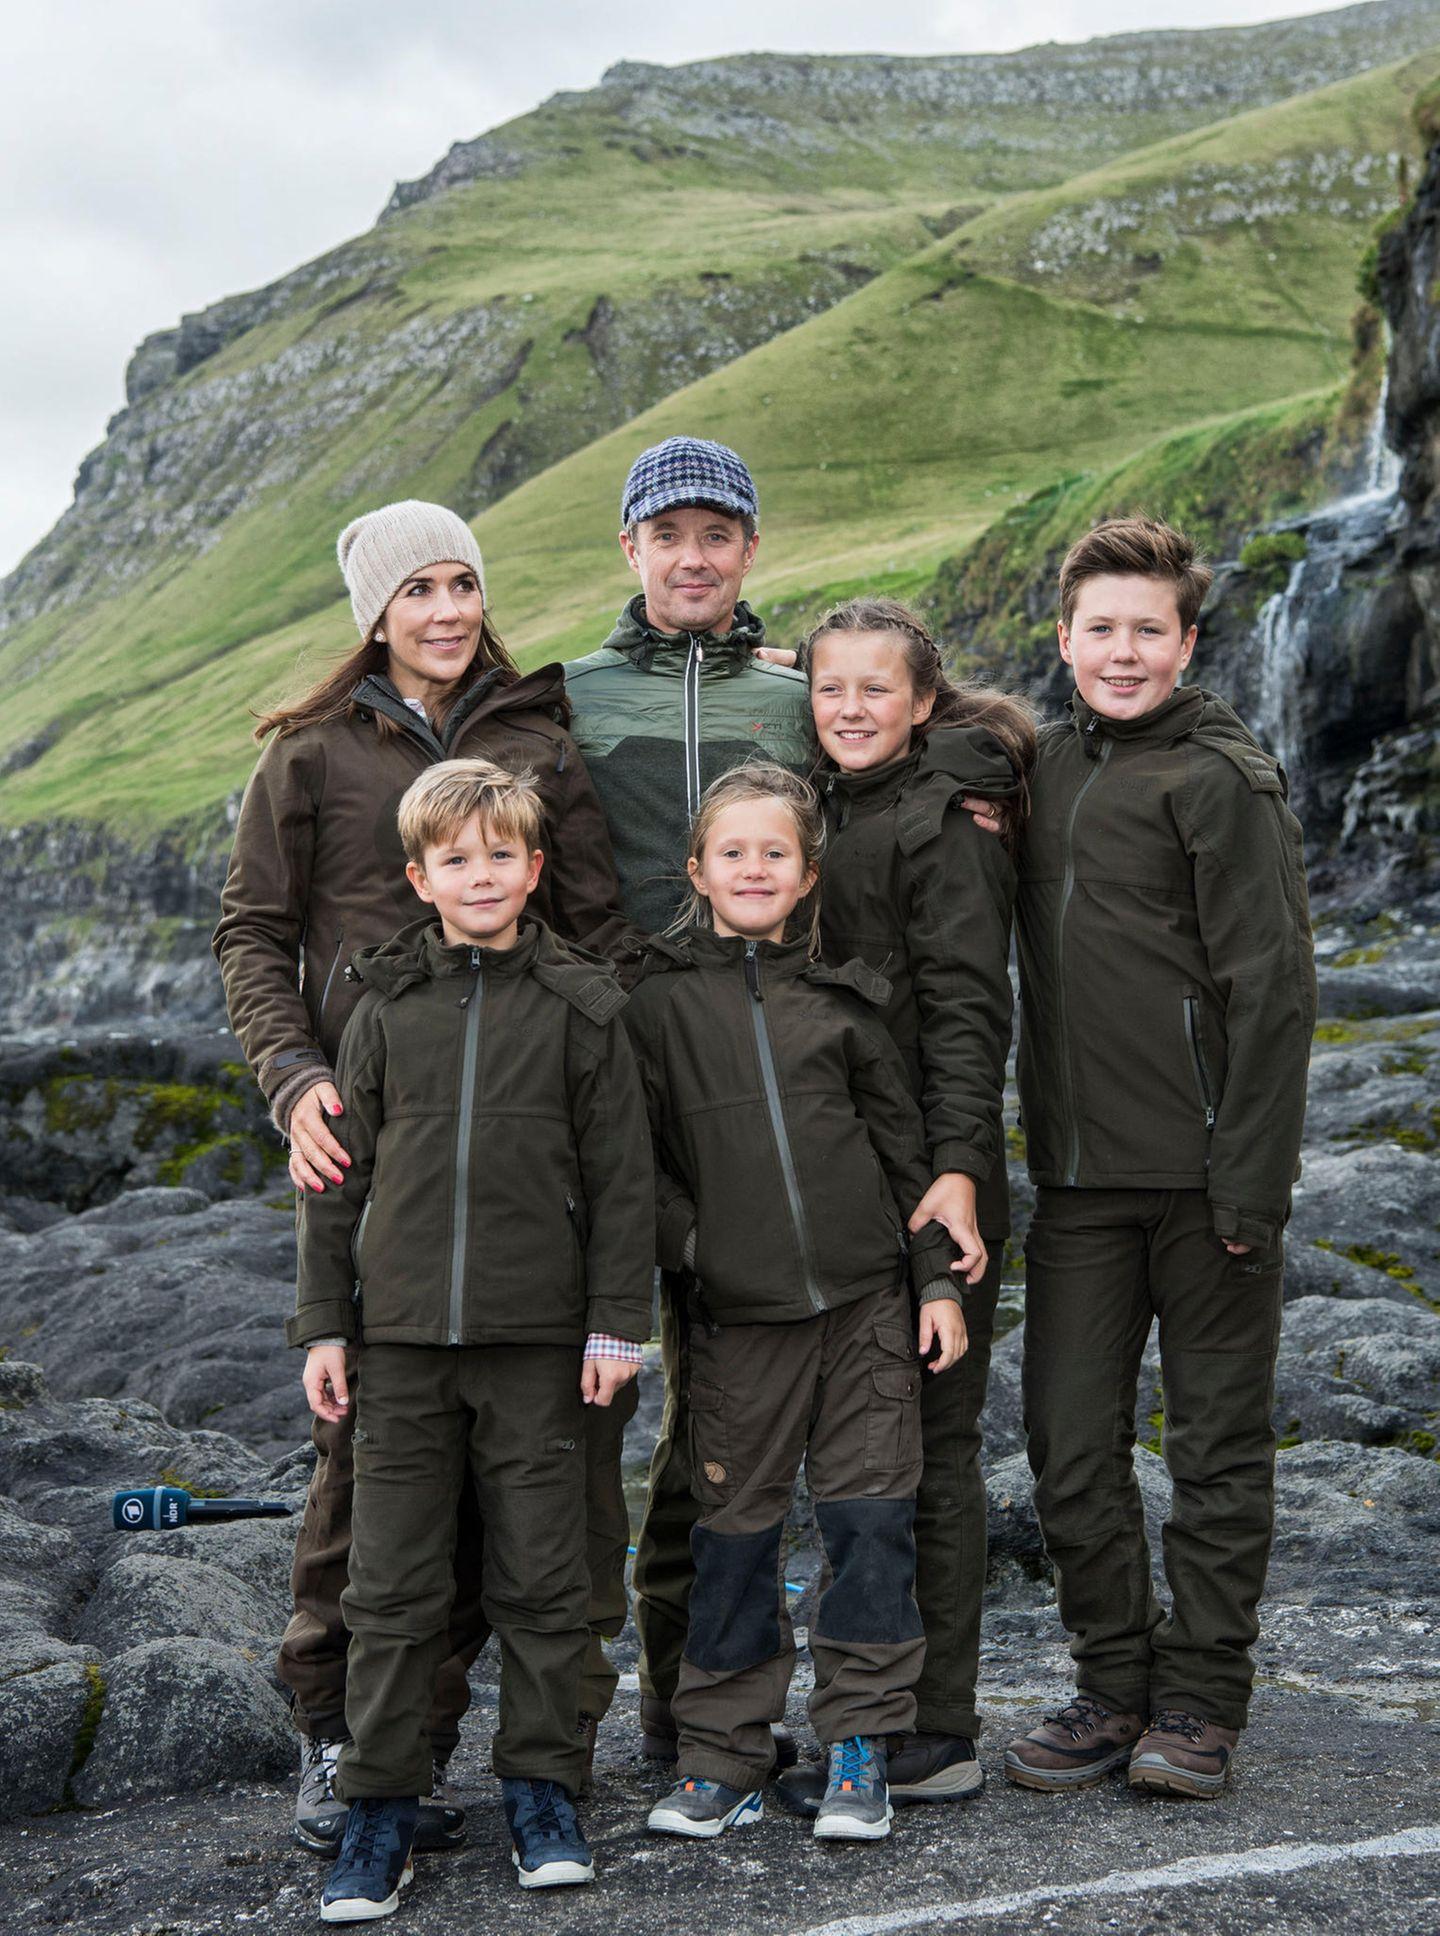 Prinzessin Mary und Prinz Frederik besuchen mit ihrenKindernPrinz Vincent, Prinzessin Josephine, Prinzessin Isabella und Prinz Christiandie Inselgruppe Färöer.